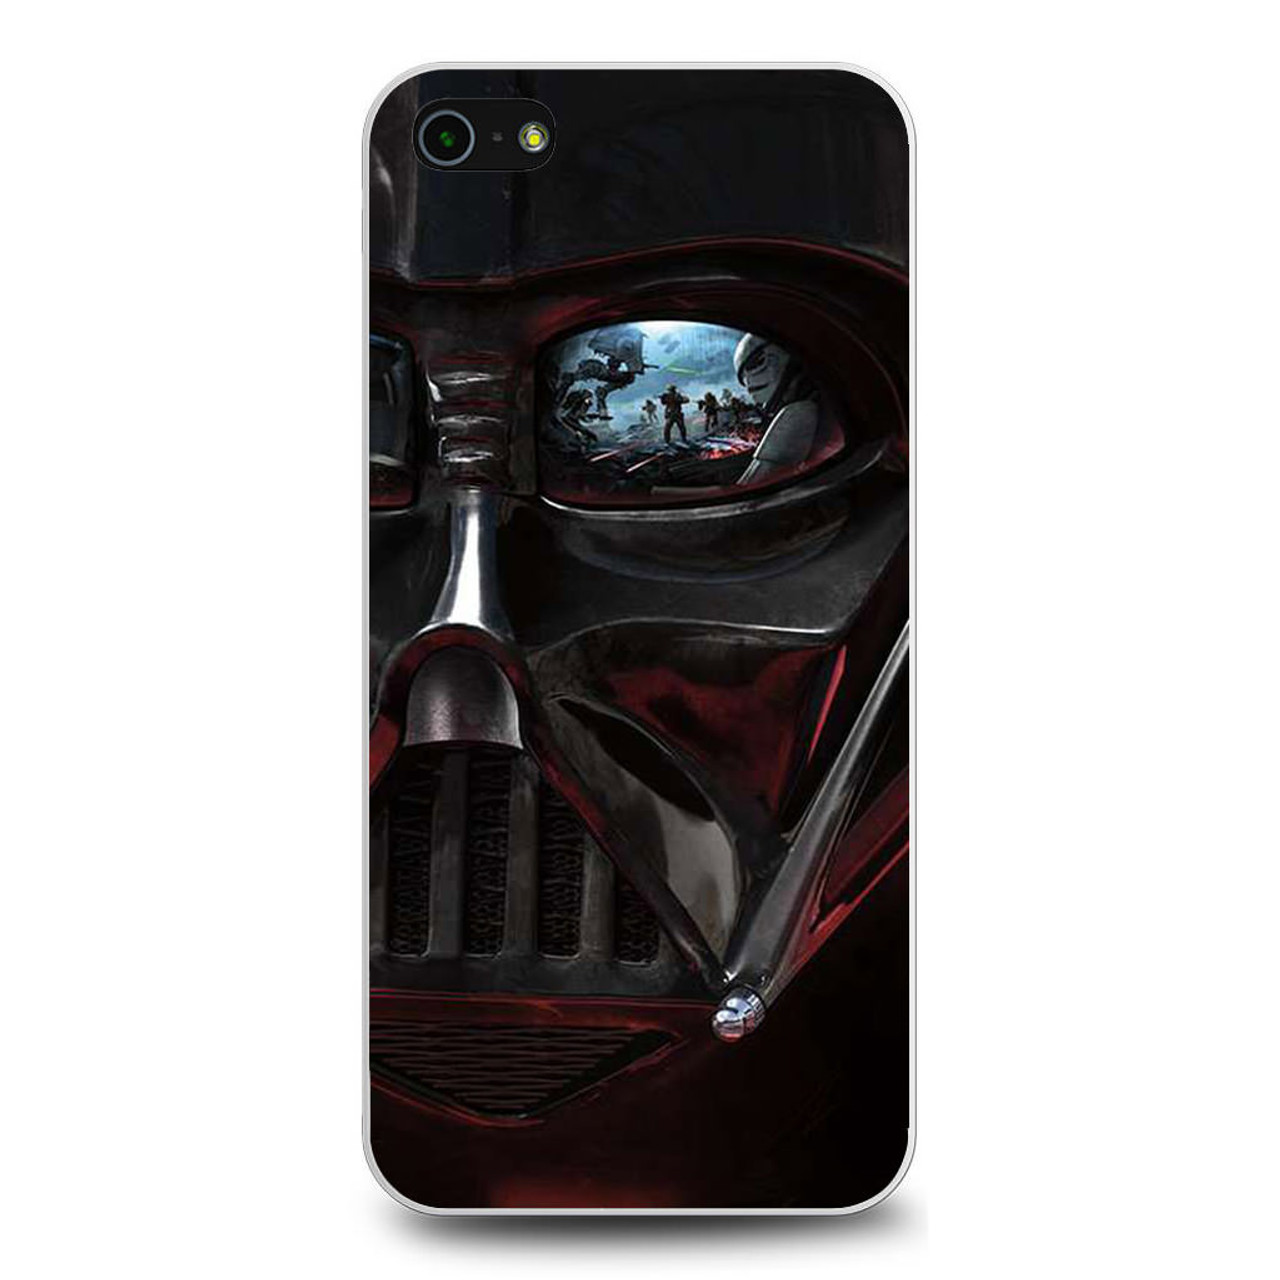 Star Wars Darth Vader Eye iPhone 5/5S/SE Case